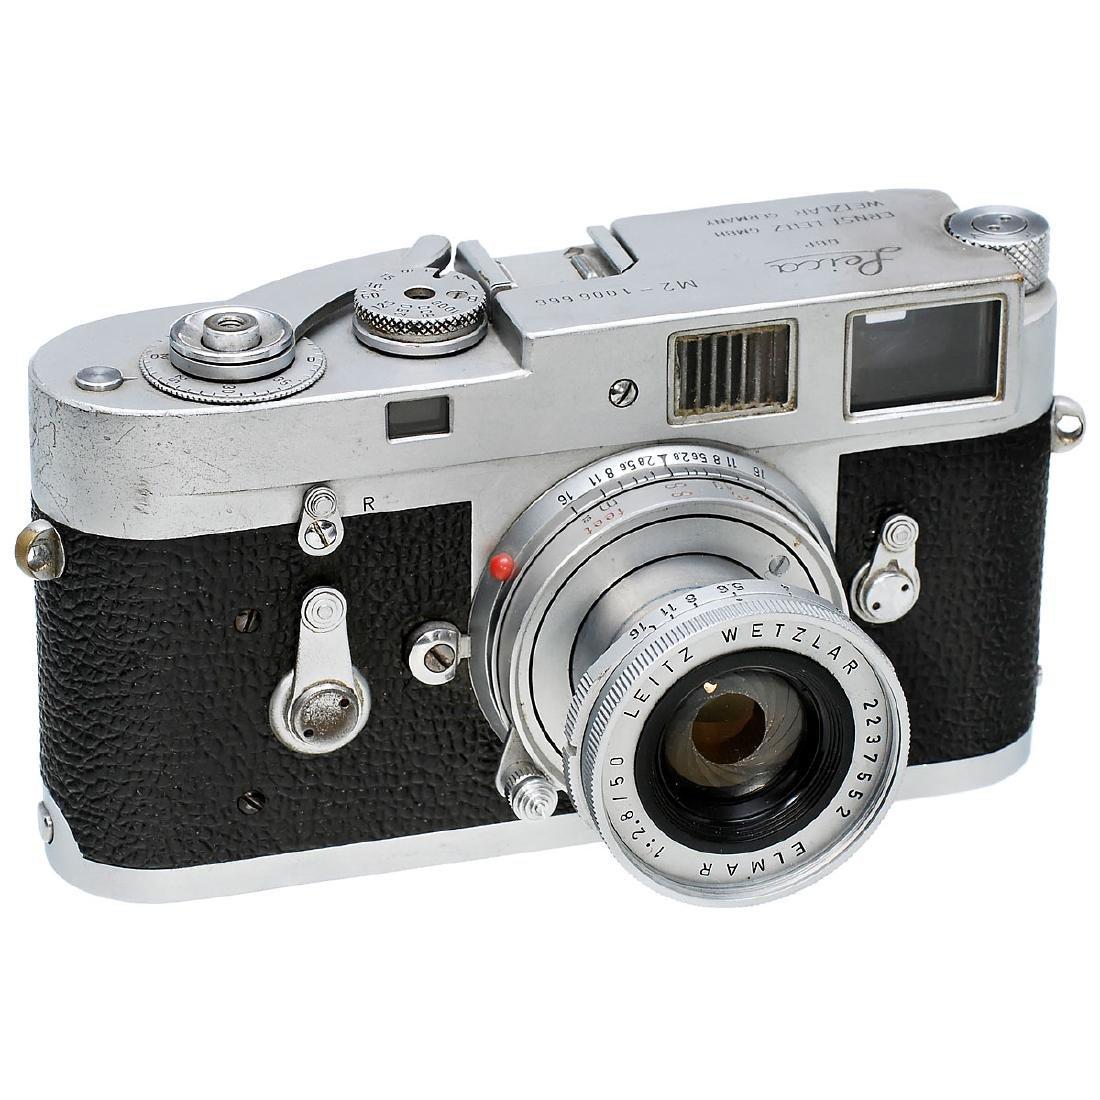 Leica M2 with Elmar 2,8/50 mm, 1960